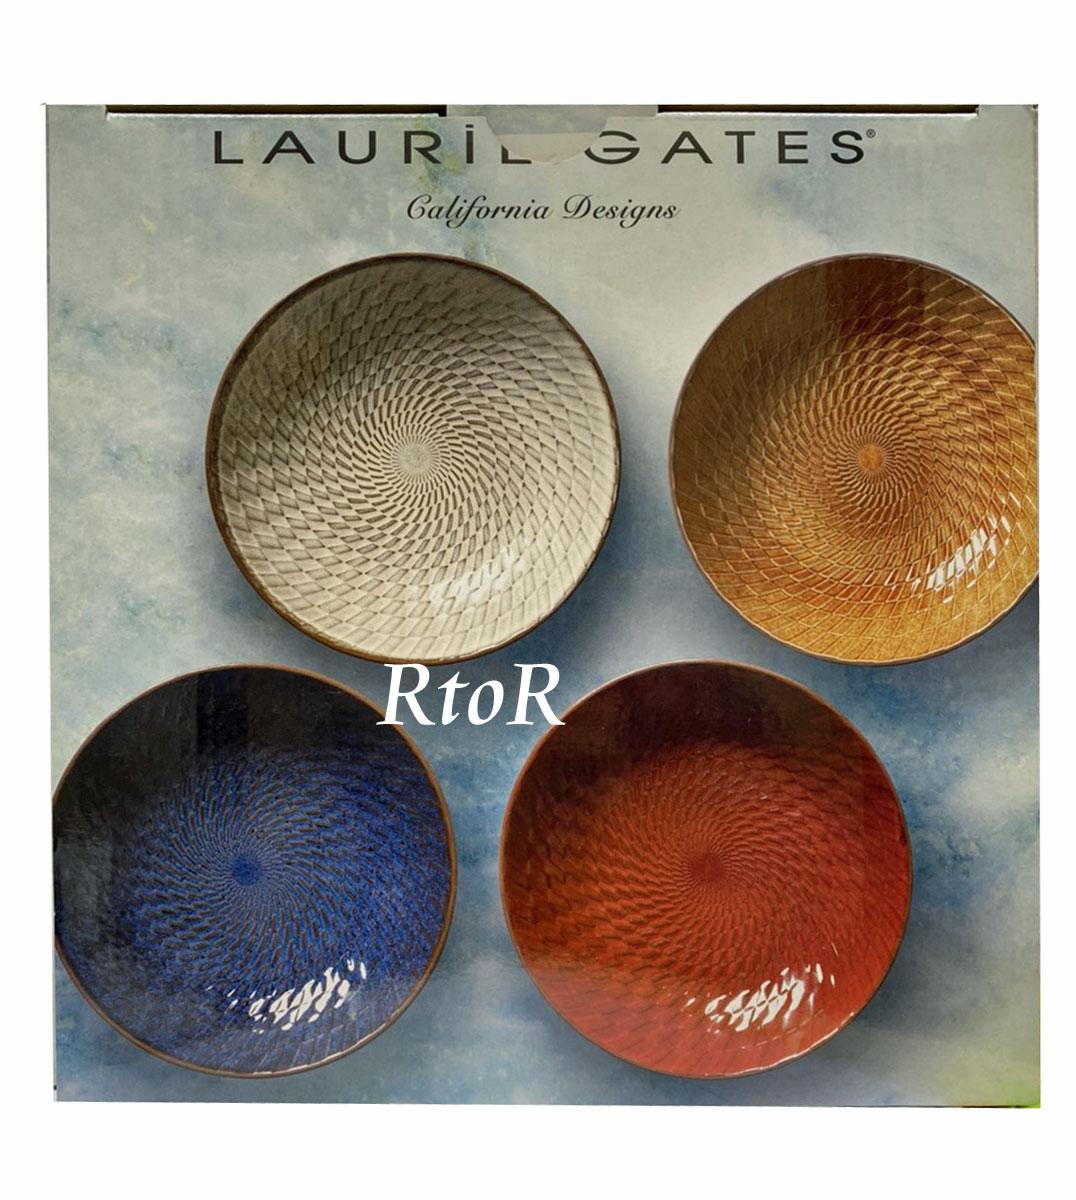 LAURIE GATES ローリー ゲイツ ギャラクシーテラコッタボウル4枚セット(4種類) 直径約21.9cm×高さ約5cm/850ml